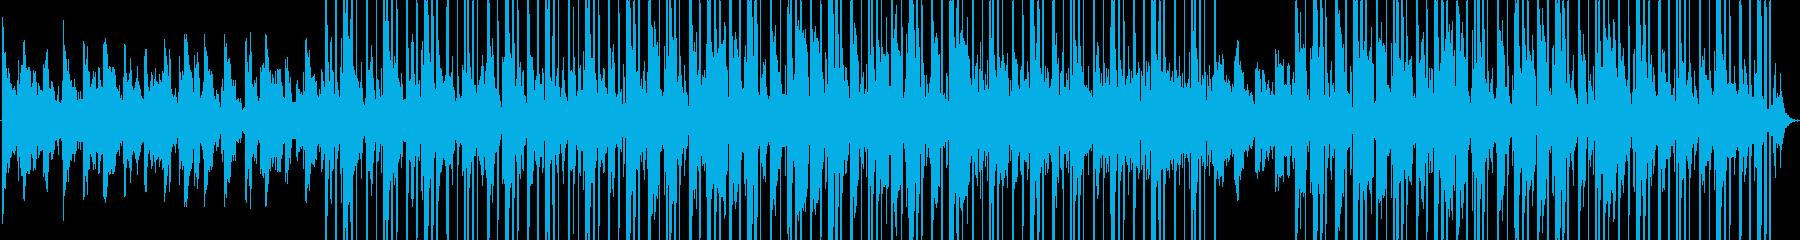 リラックスと癒し/ピアノ/Lo-fiの再生済みの波形